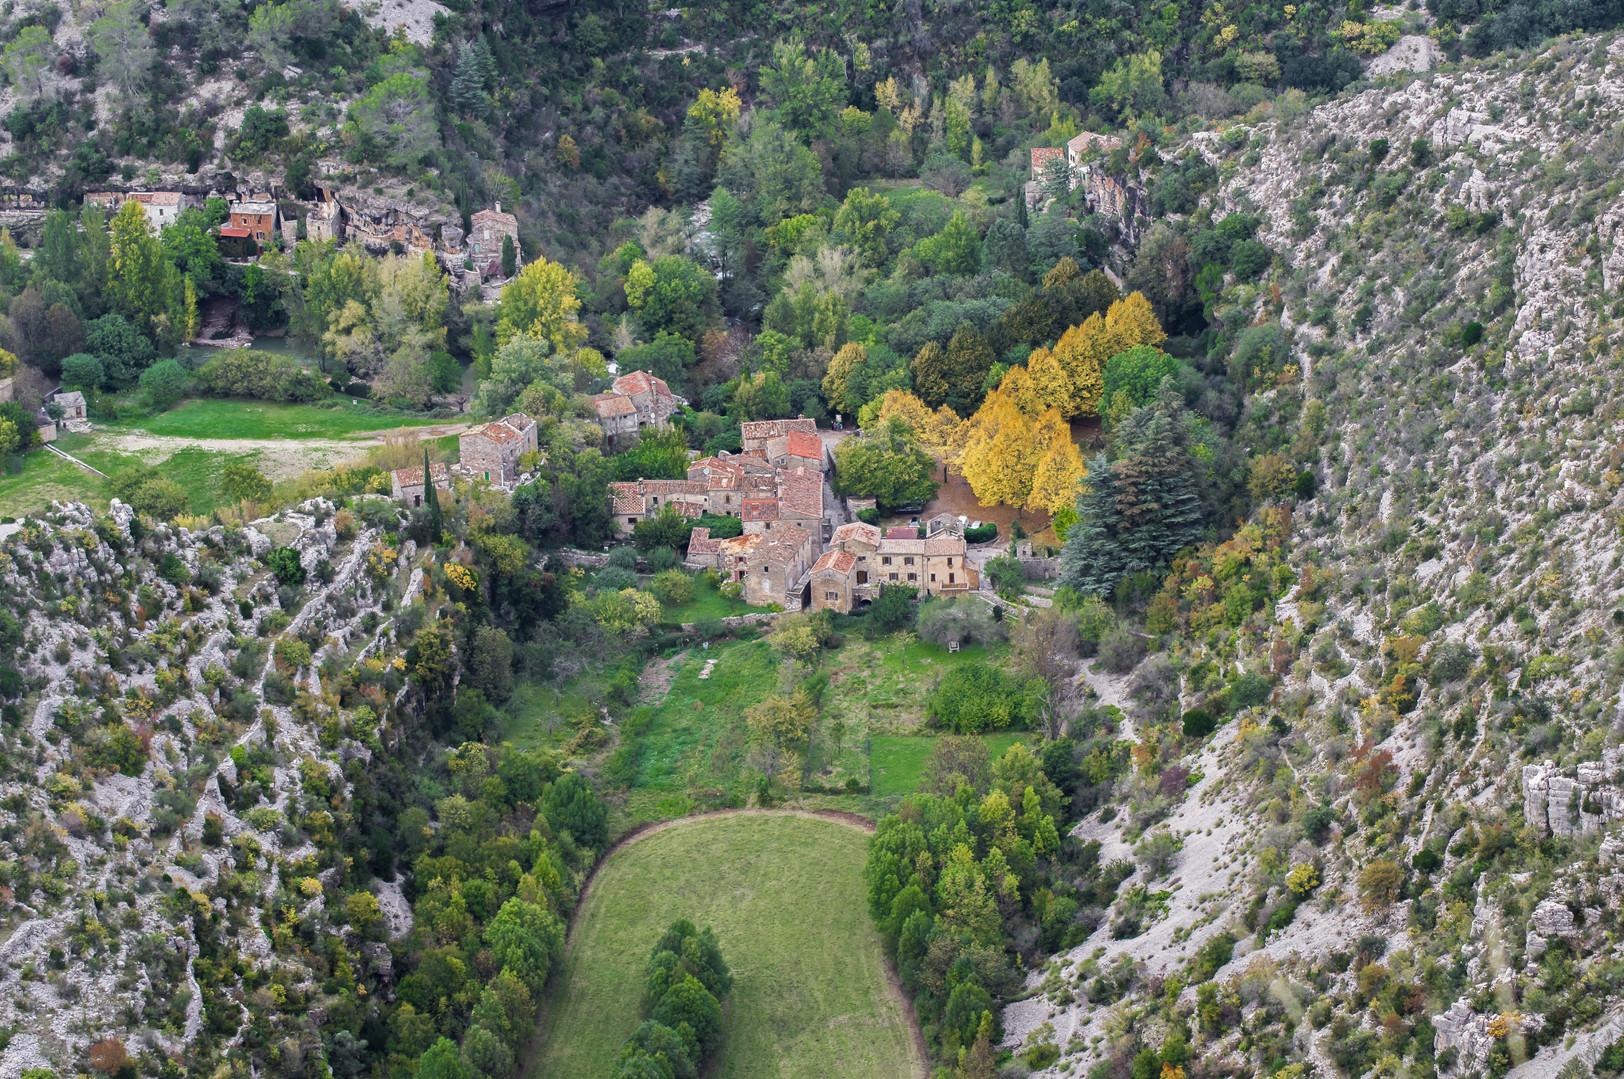 Un village perdu dans les collines cévenoles.